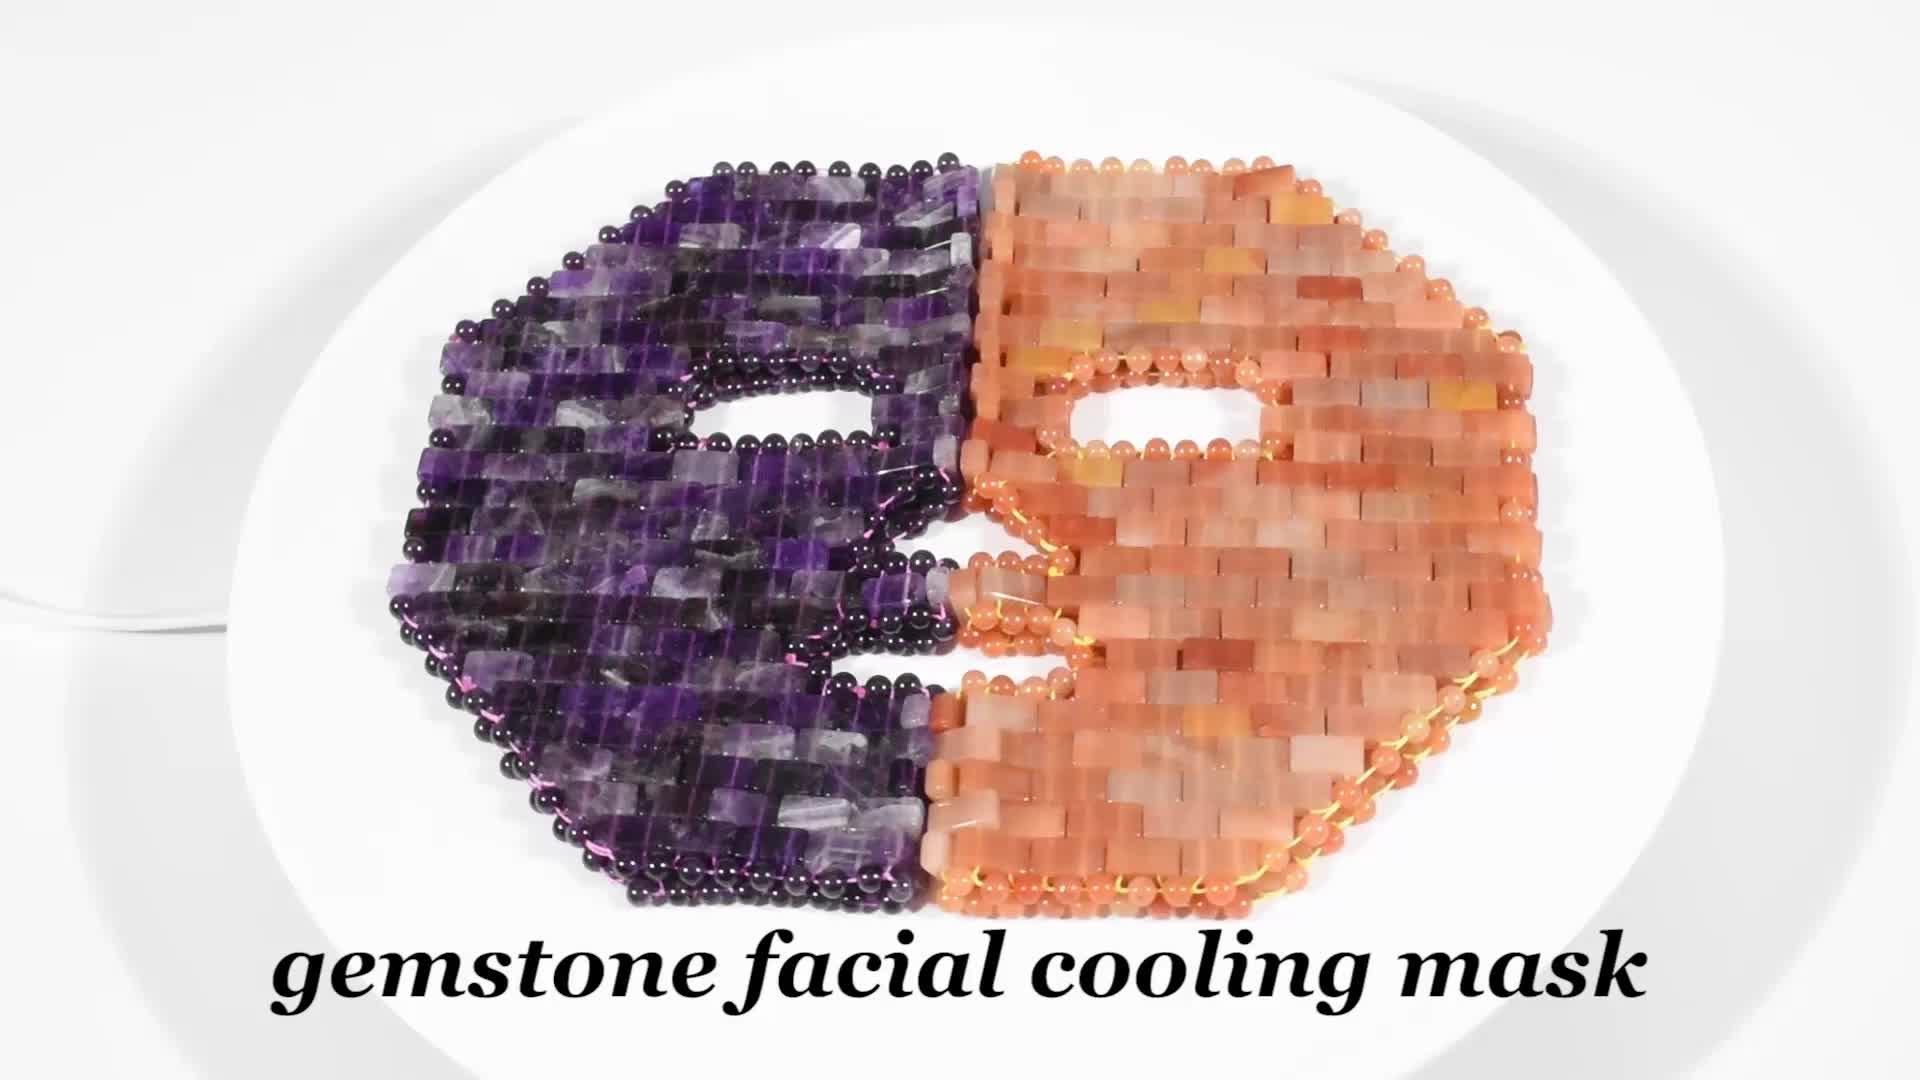 Amethyst rose quartz หยกหน้าเกาหลี face mask สำหรับ skin care